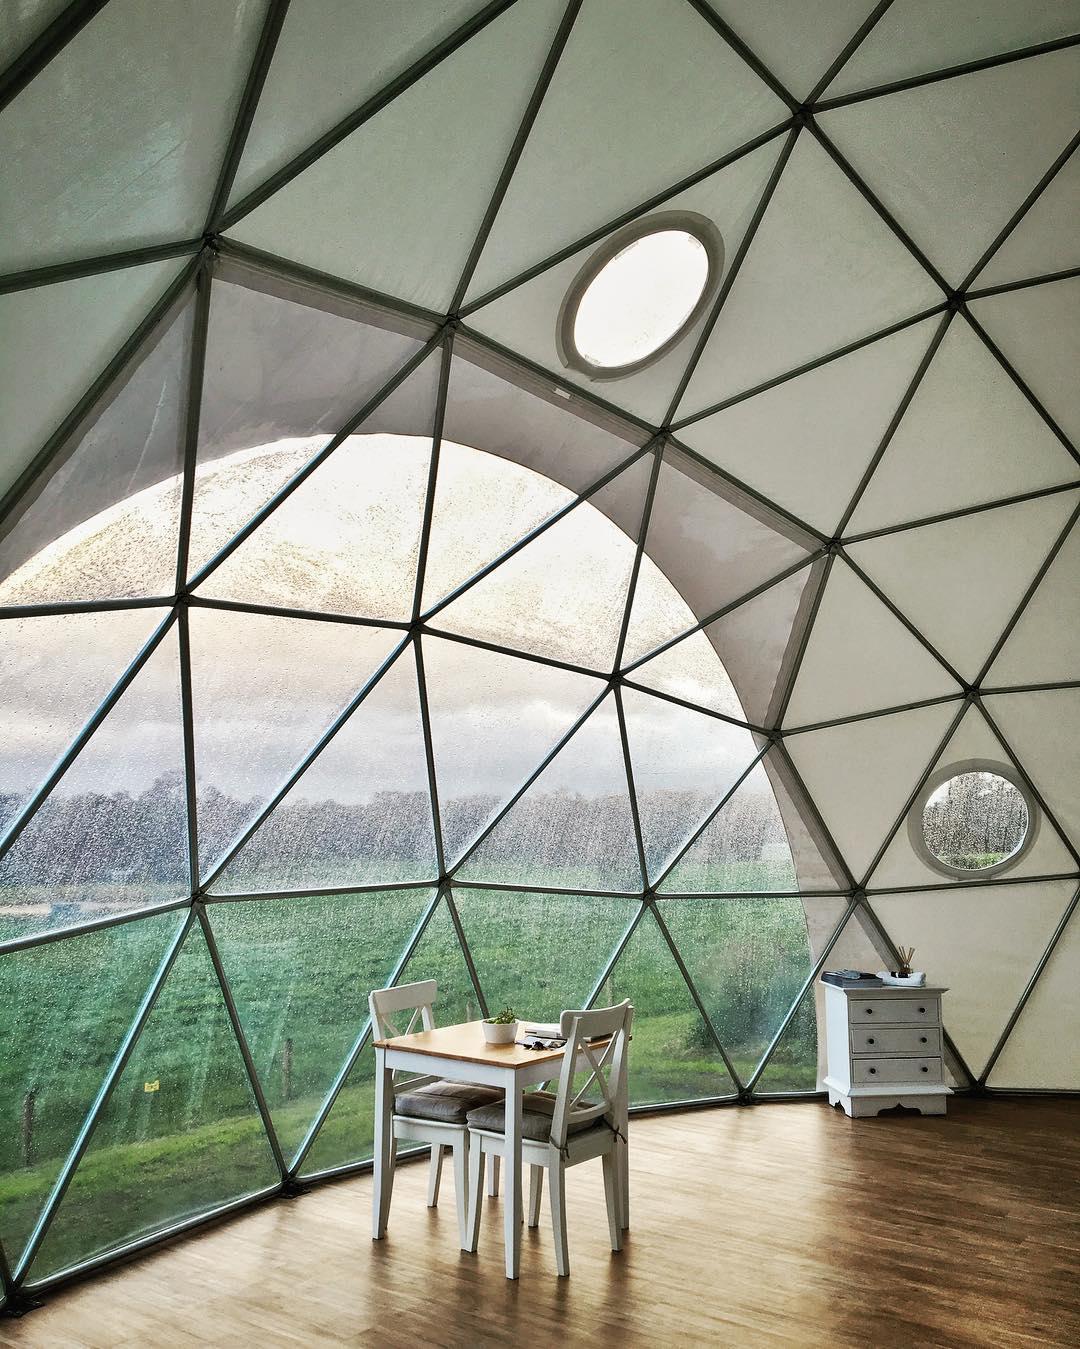 浪漫的野外露营 帐篷酒店英里末端豪华帐篷